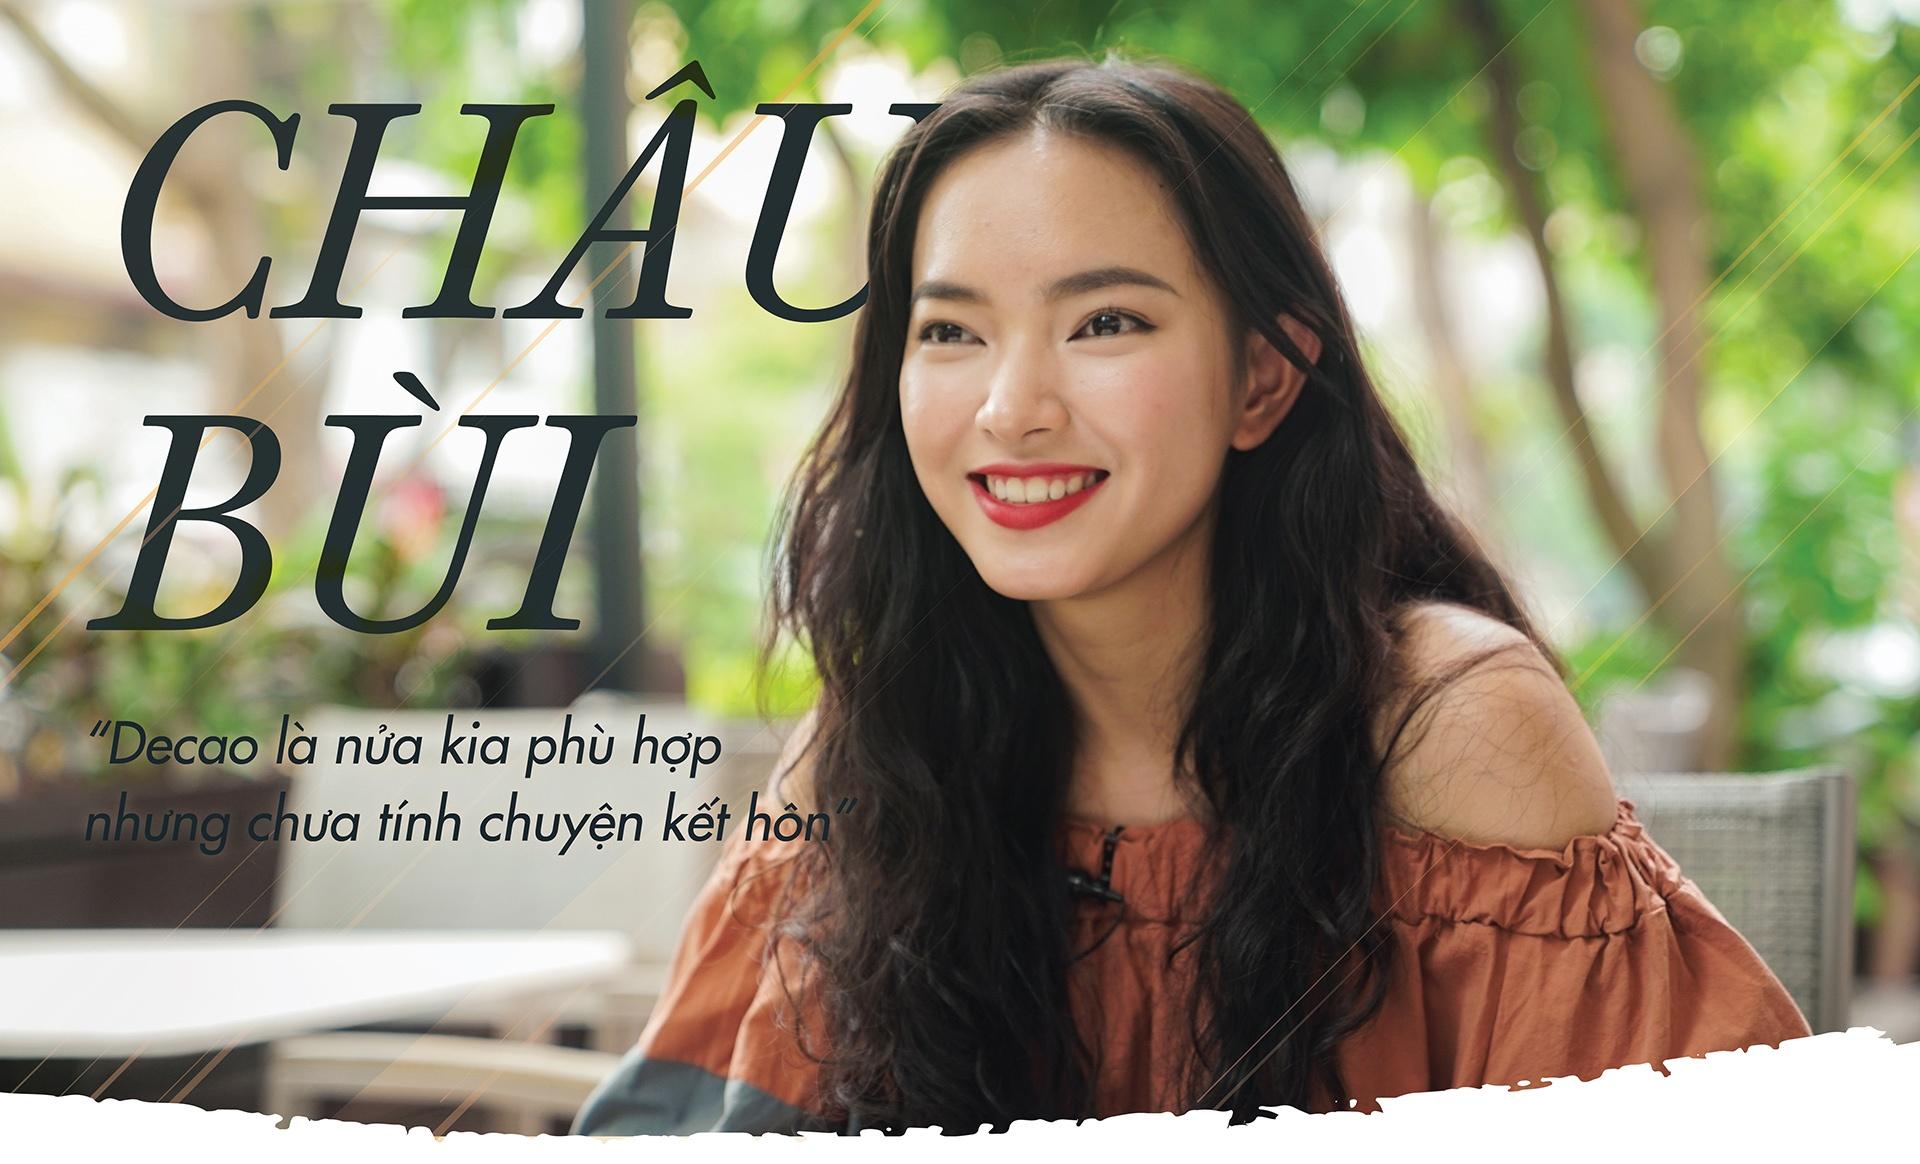 Hot girl Chau Bui: 'Rat yeu Decao nhung chua tinh chuyen ket hon' hinh anh 2